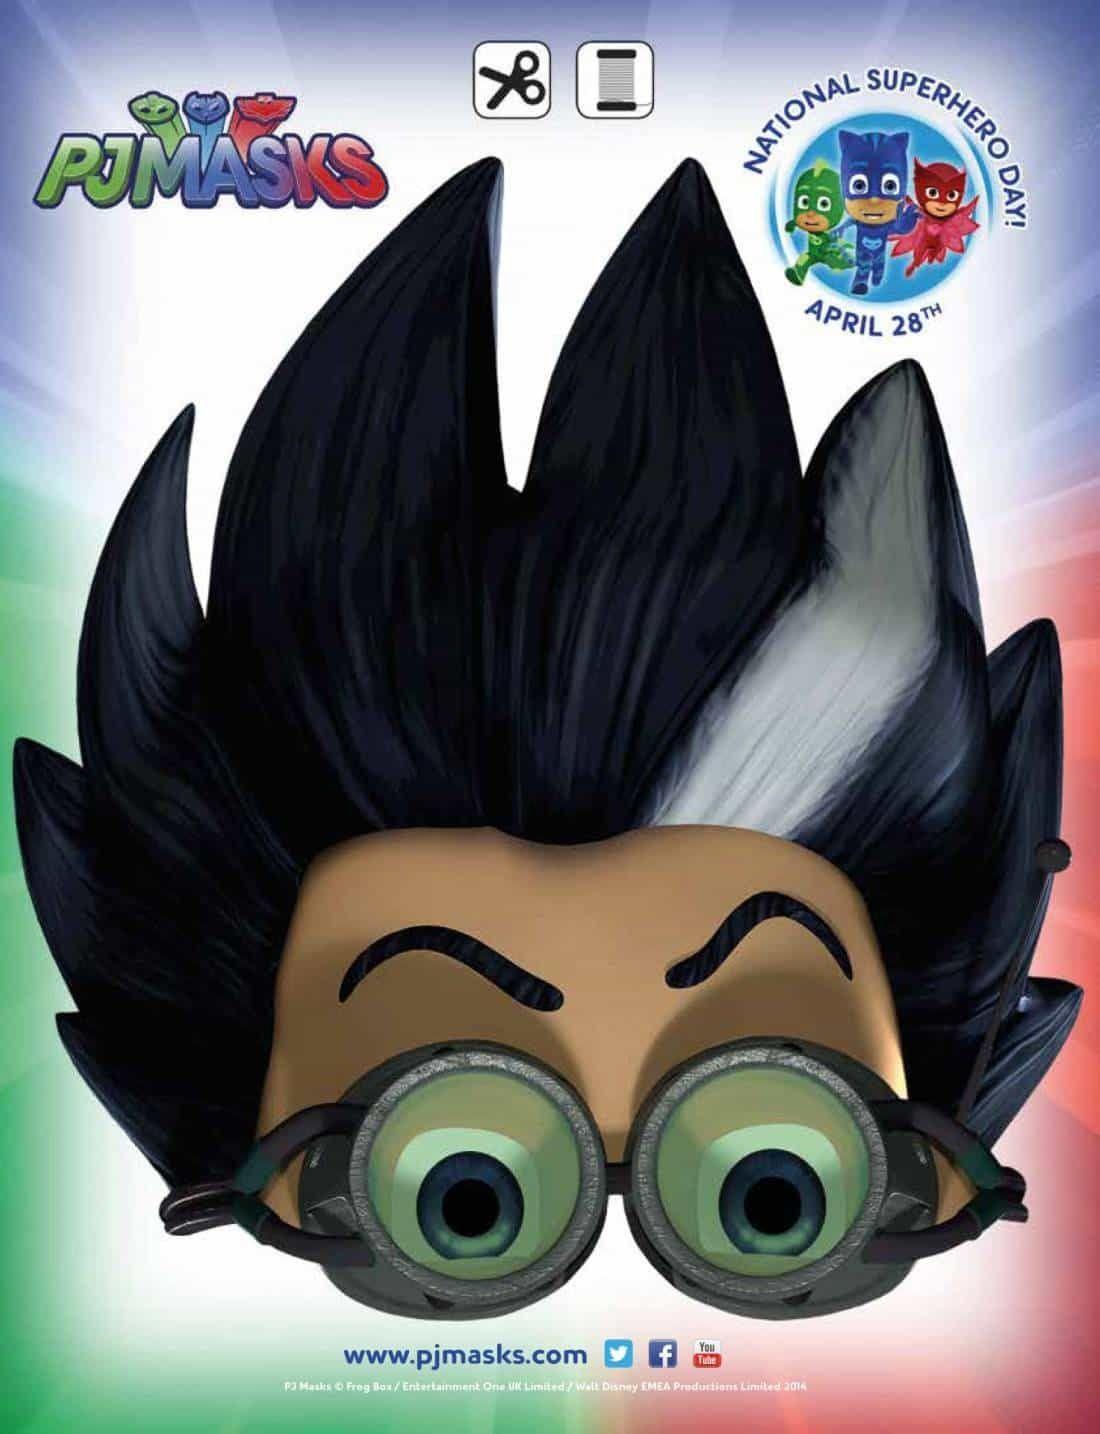 Printables PJ Masks Night Ninja, Romeo, Luna Mask